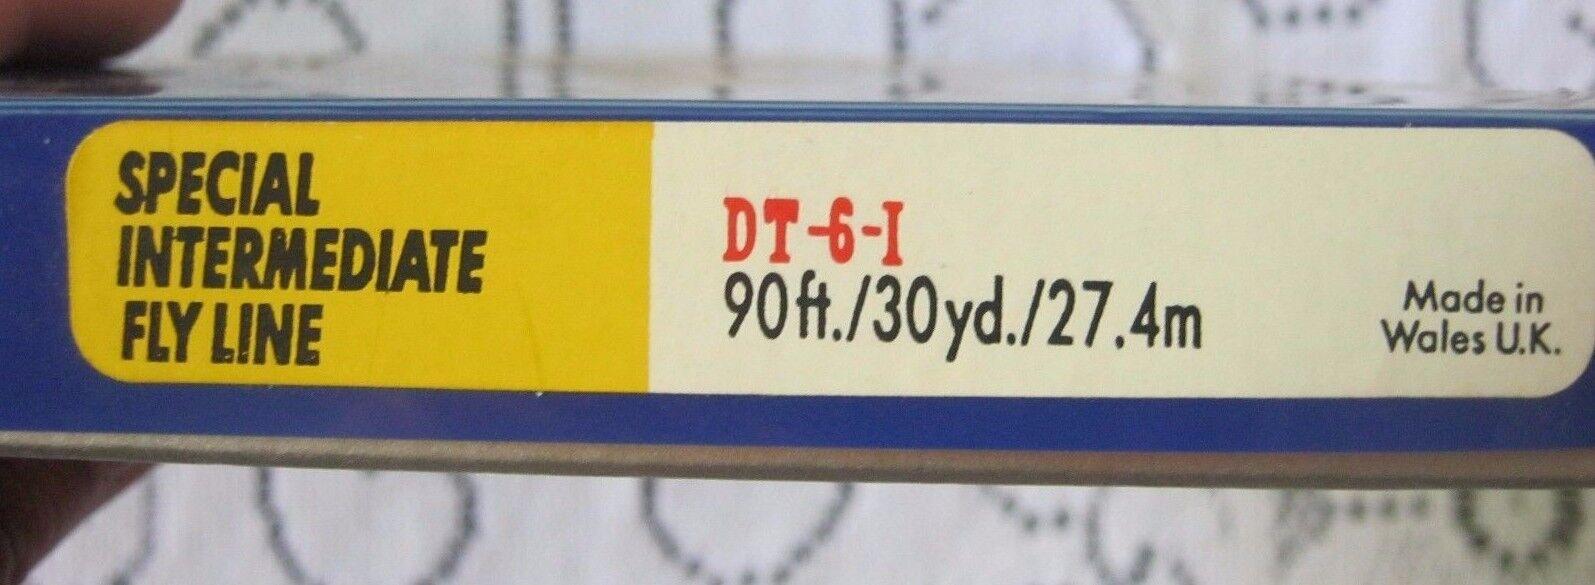 Nummern Sb Airflo Fliegenfischen Mittleres 27.4m DT-6-1 DT-6-1 DT-6-1 Speziell Linie Wales UK 871d5d